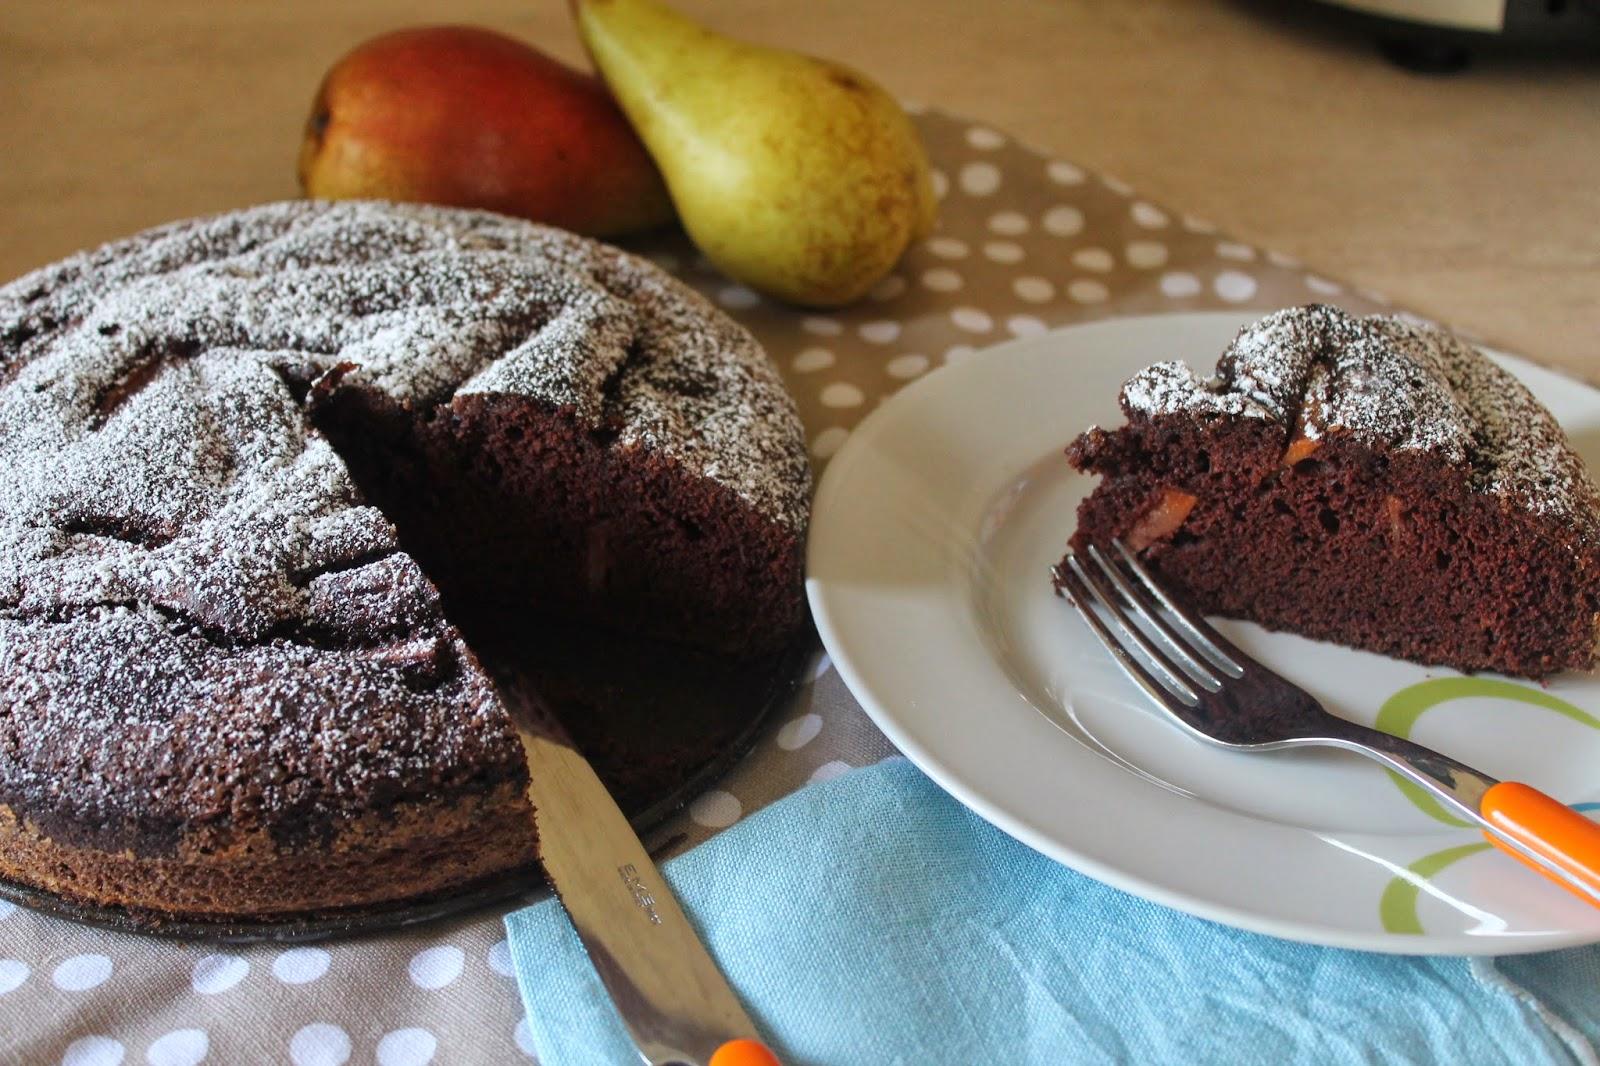 Torta di pere e cacao - gluten free